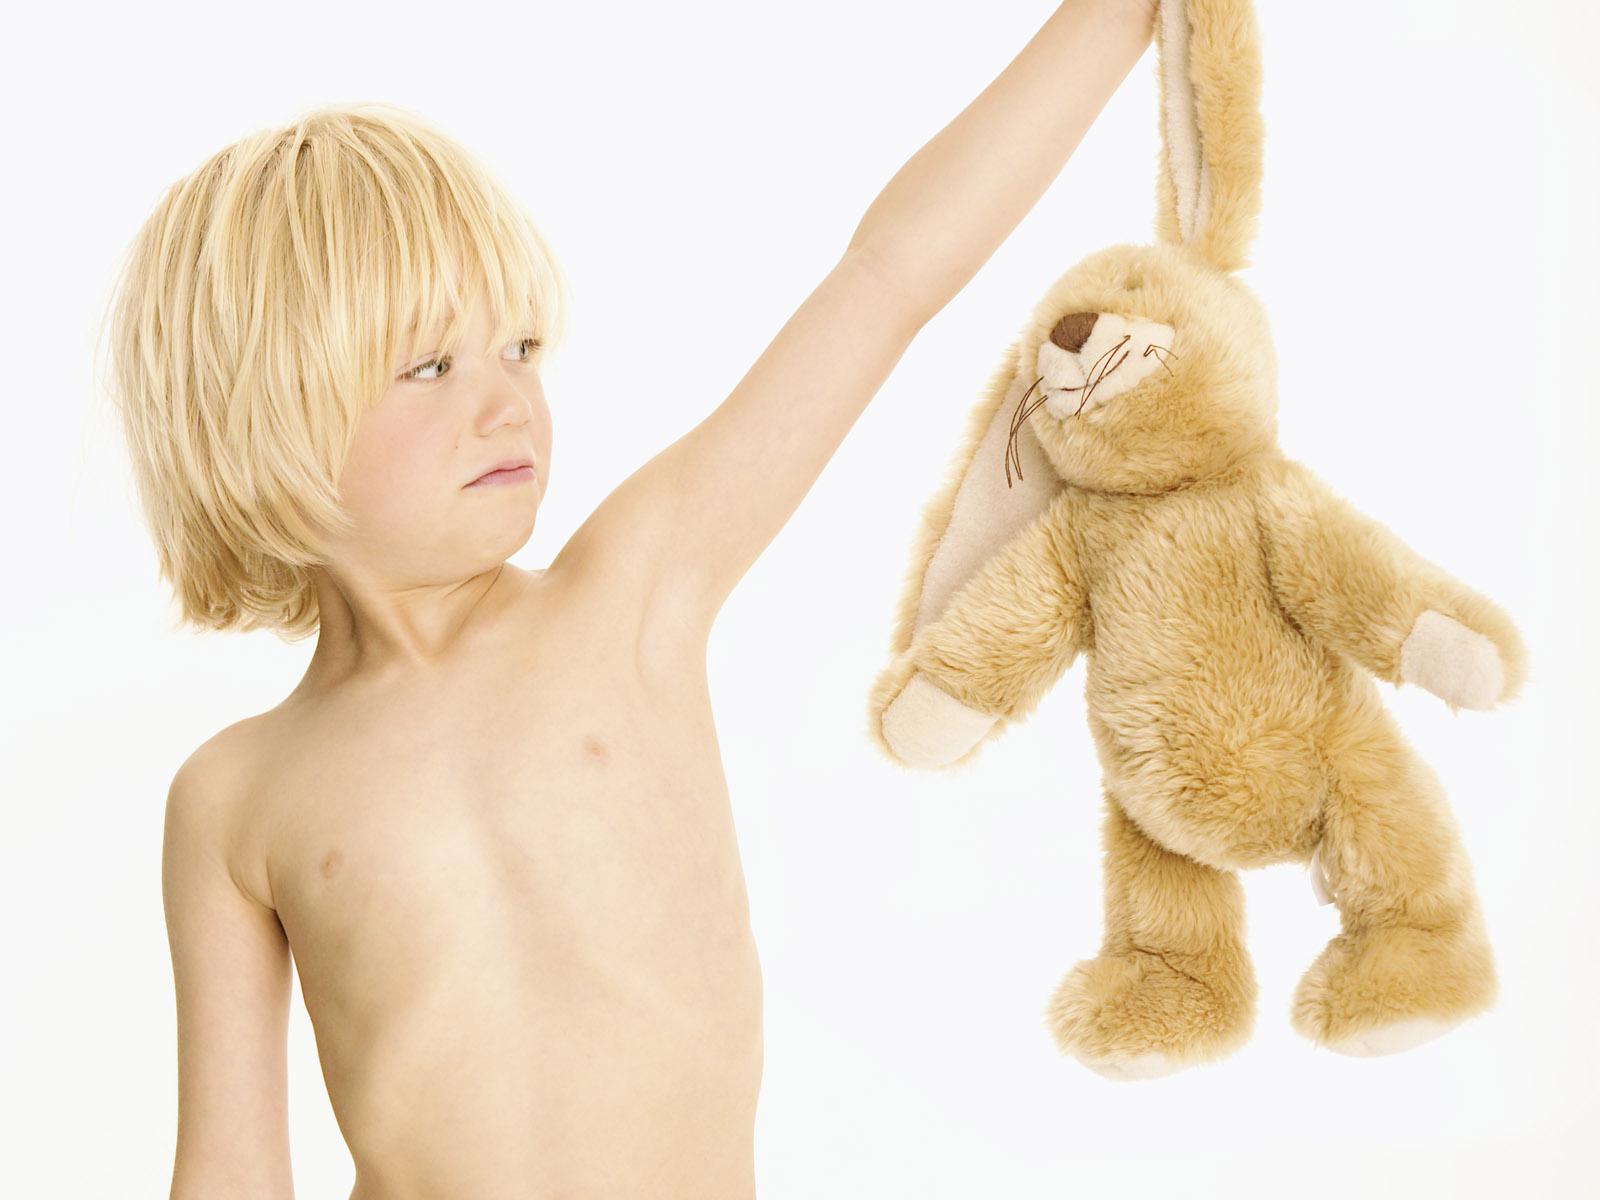 Мальчик и заяц - обои для рабочего стола.